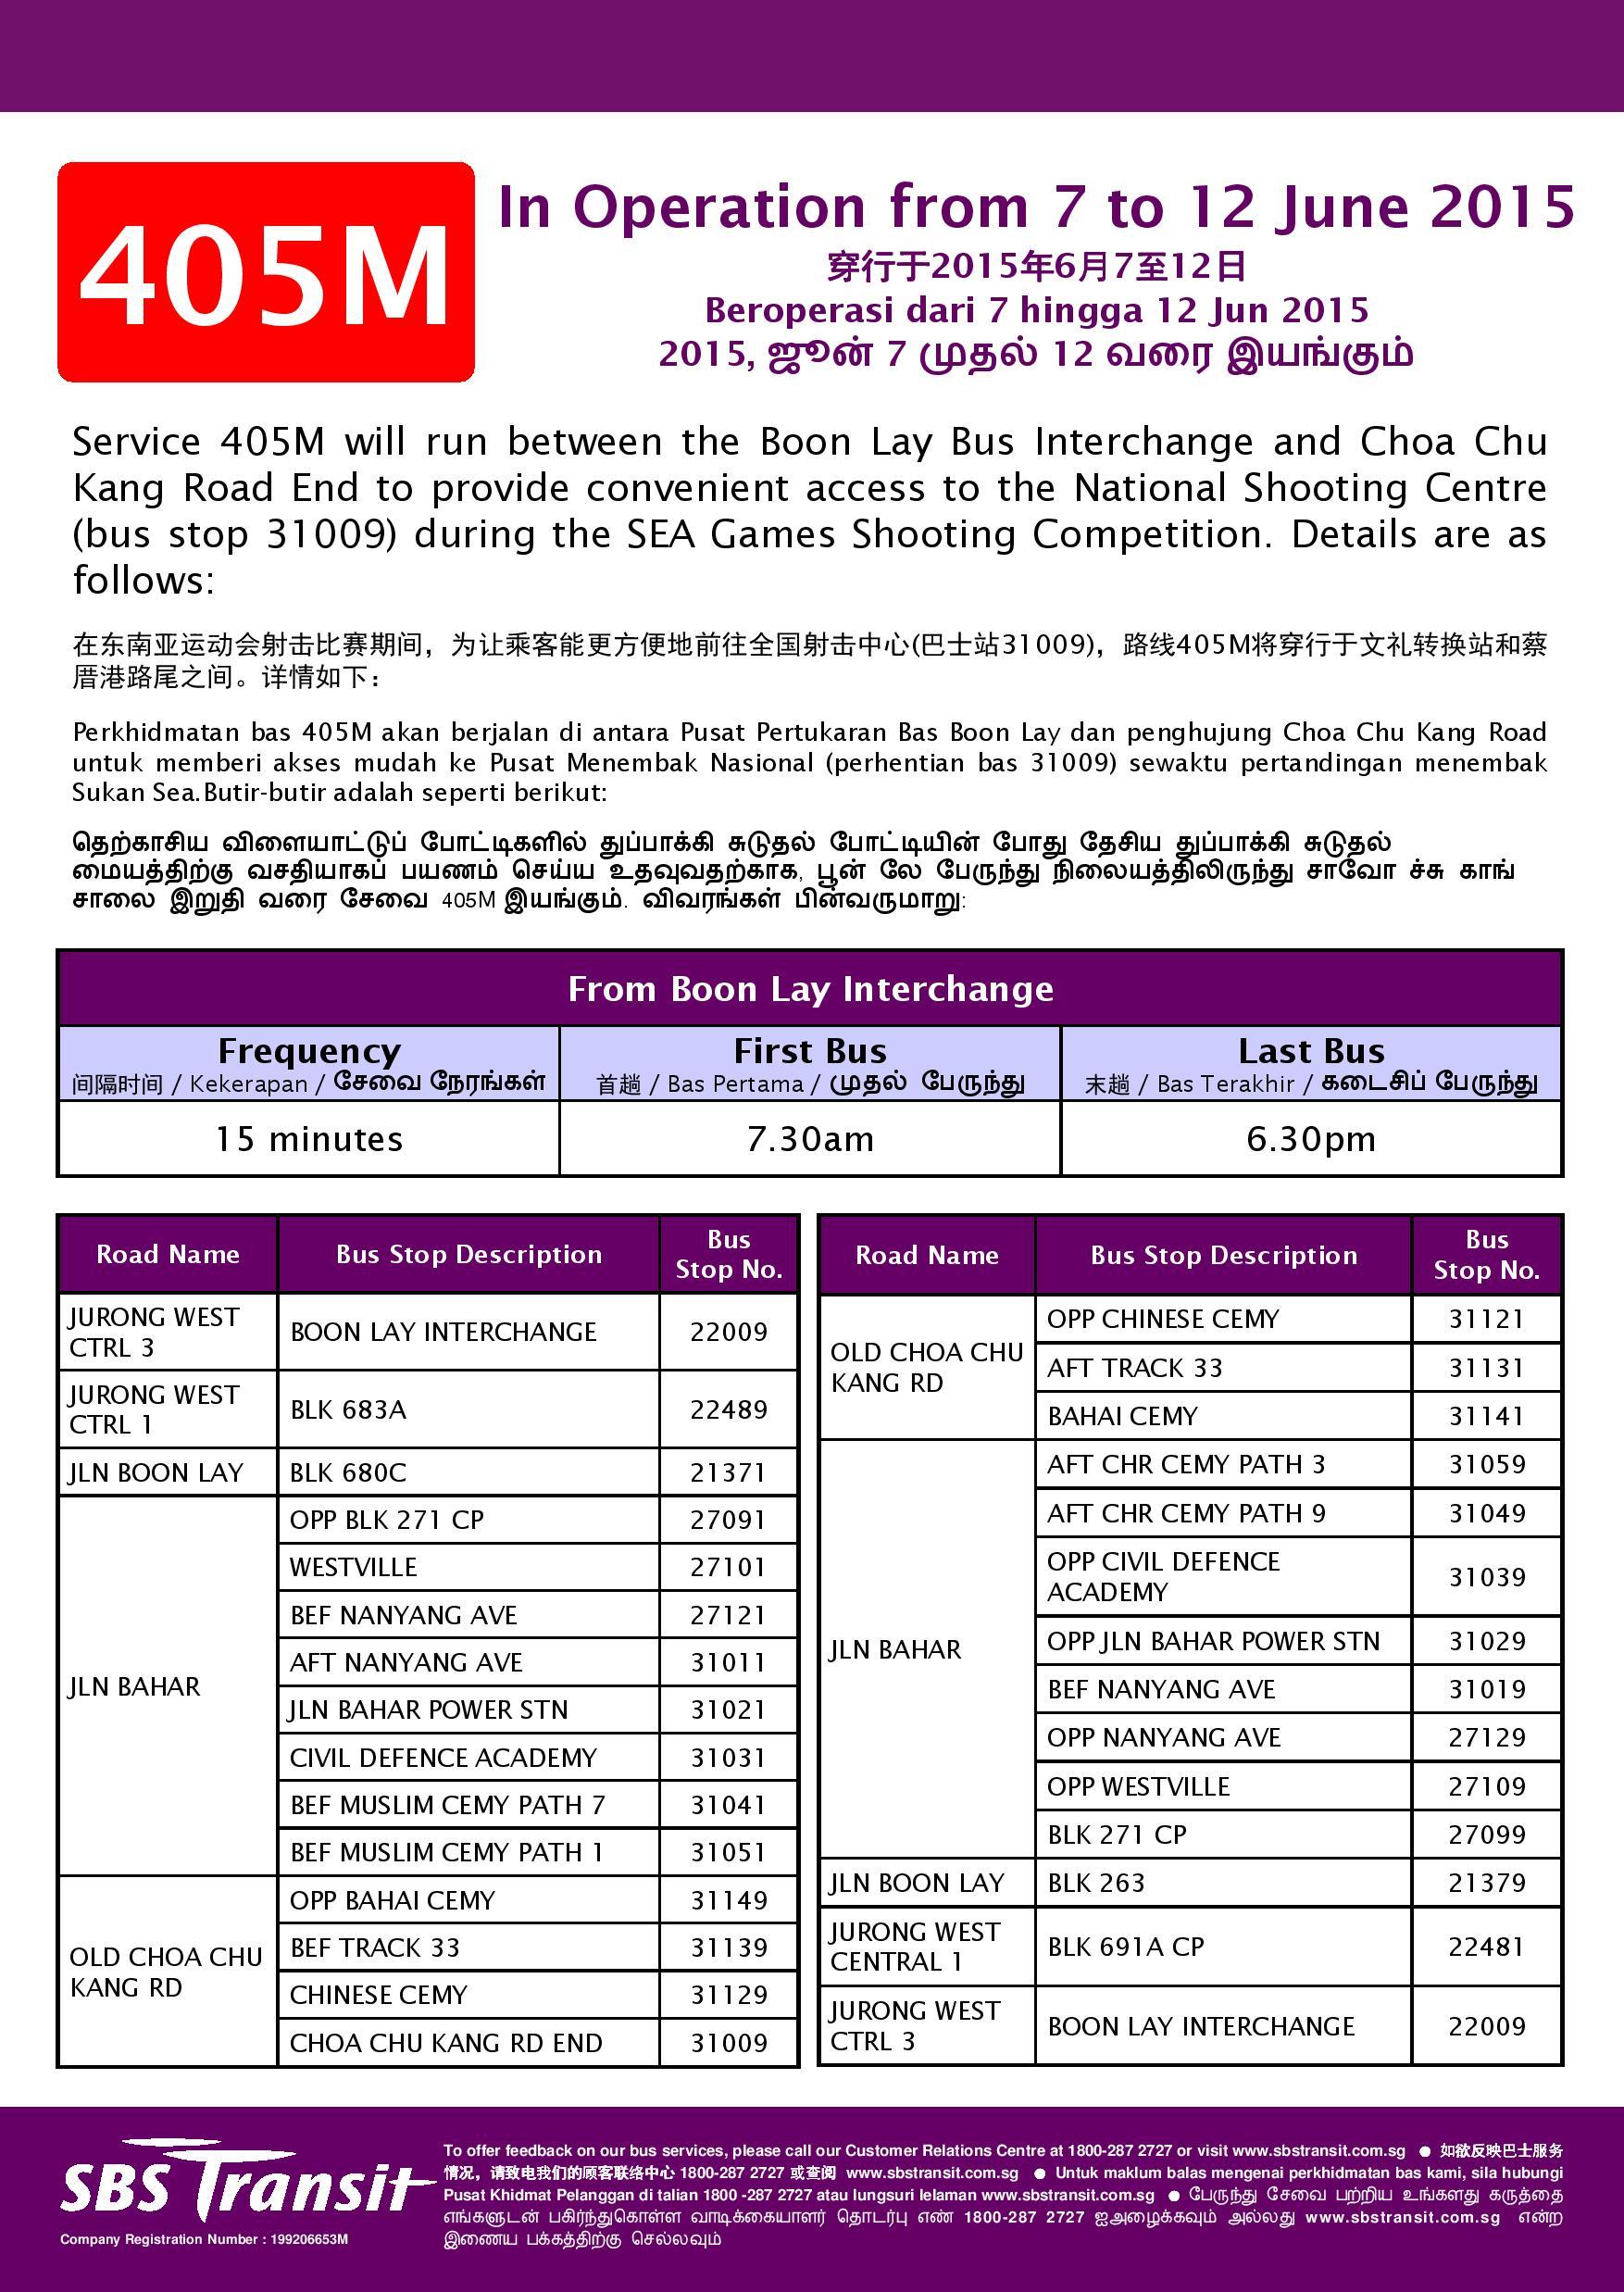 Service 405M press release